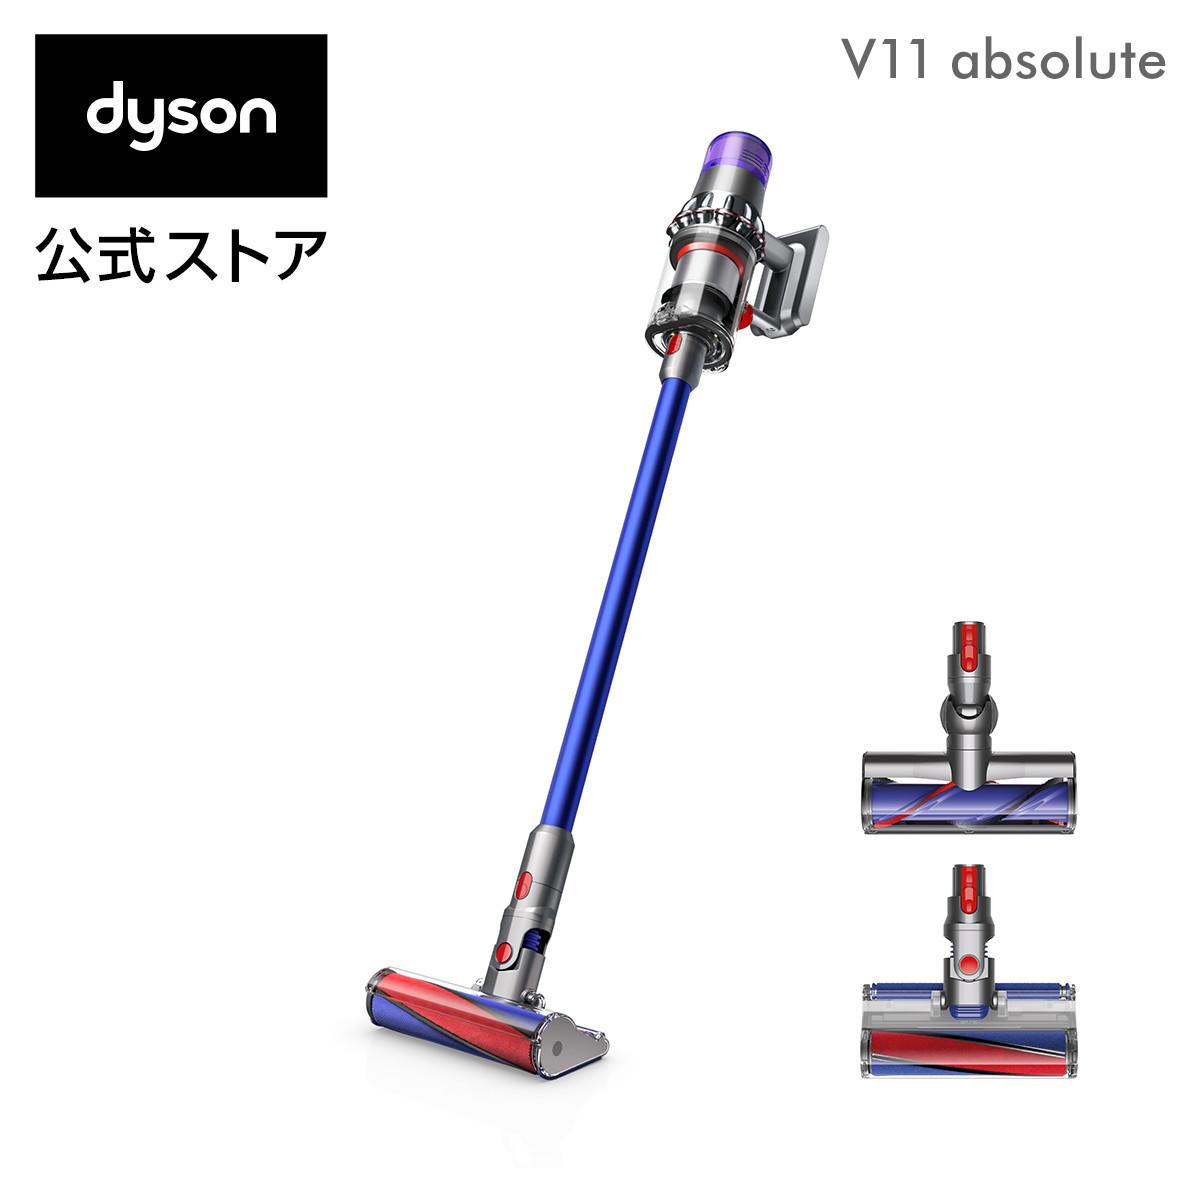 ダイソン Dyson V11 Absolute サイクロン式 コードレス掃除機 dyson SV14ABL 2019年最新モデル